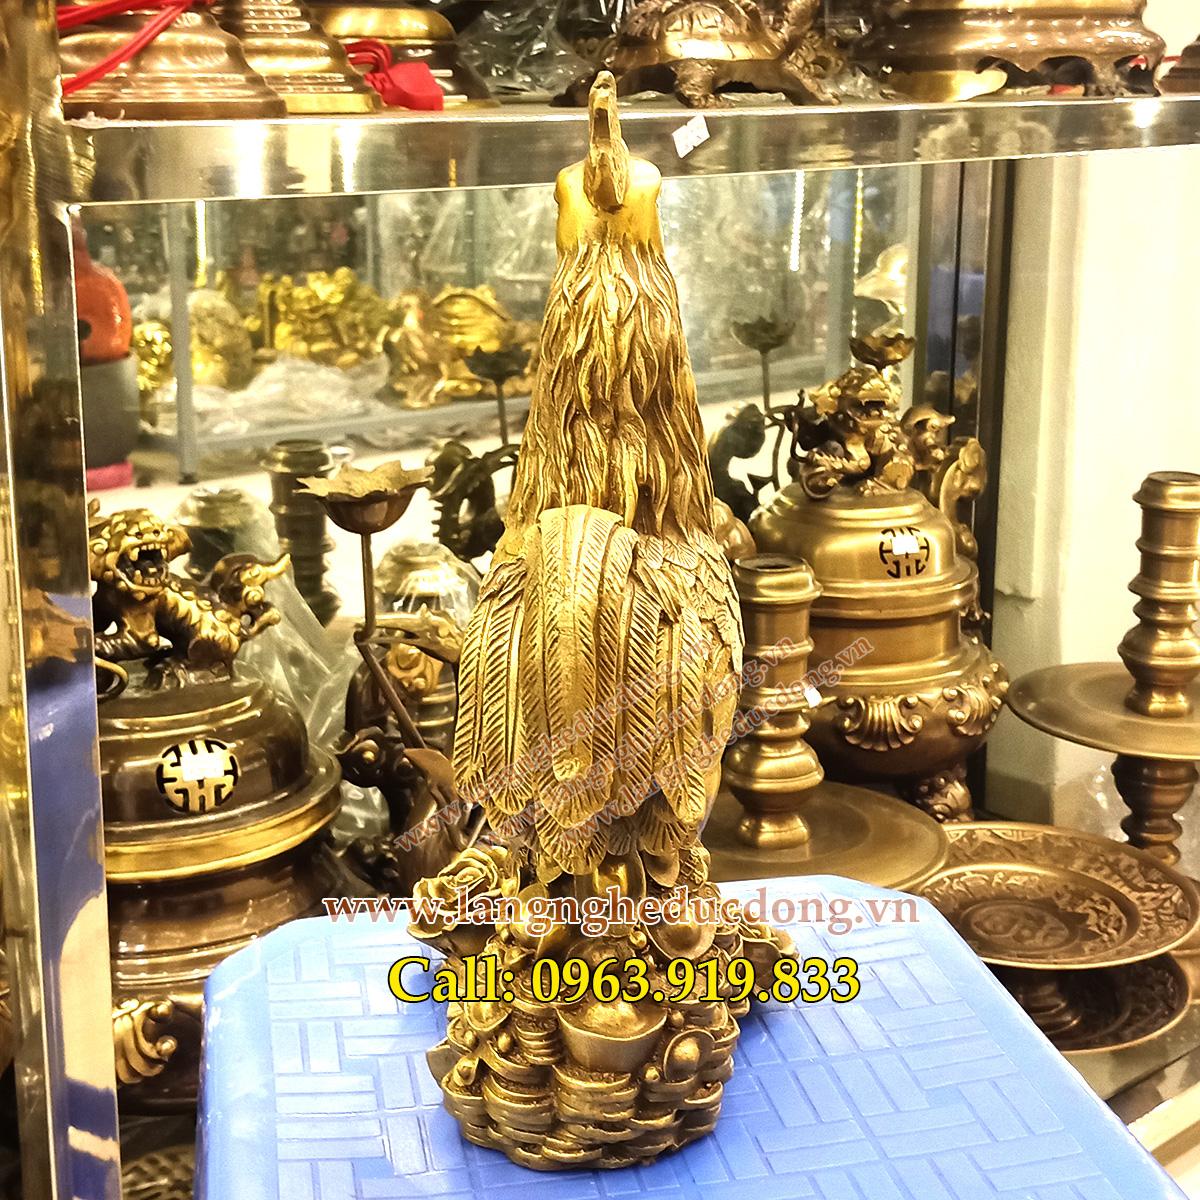 Tượng gà đồng 30cm đứng tiền và hoa hồng, tượng gà bằng đồng